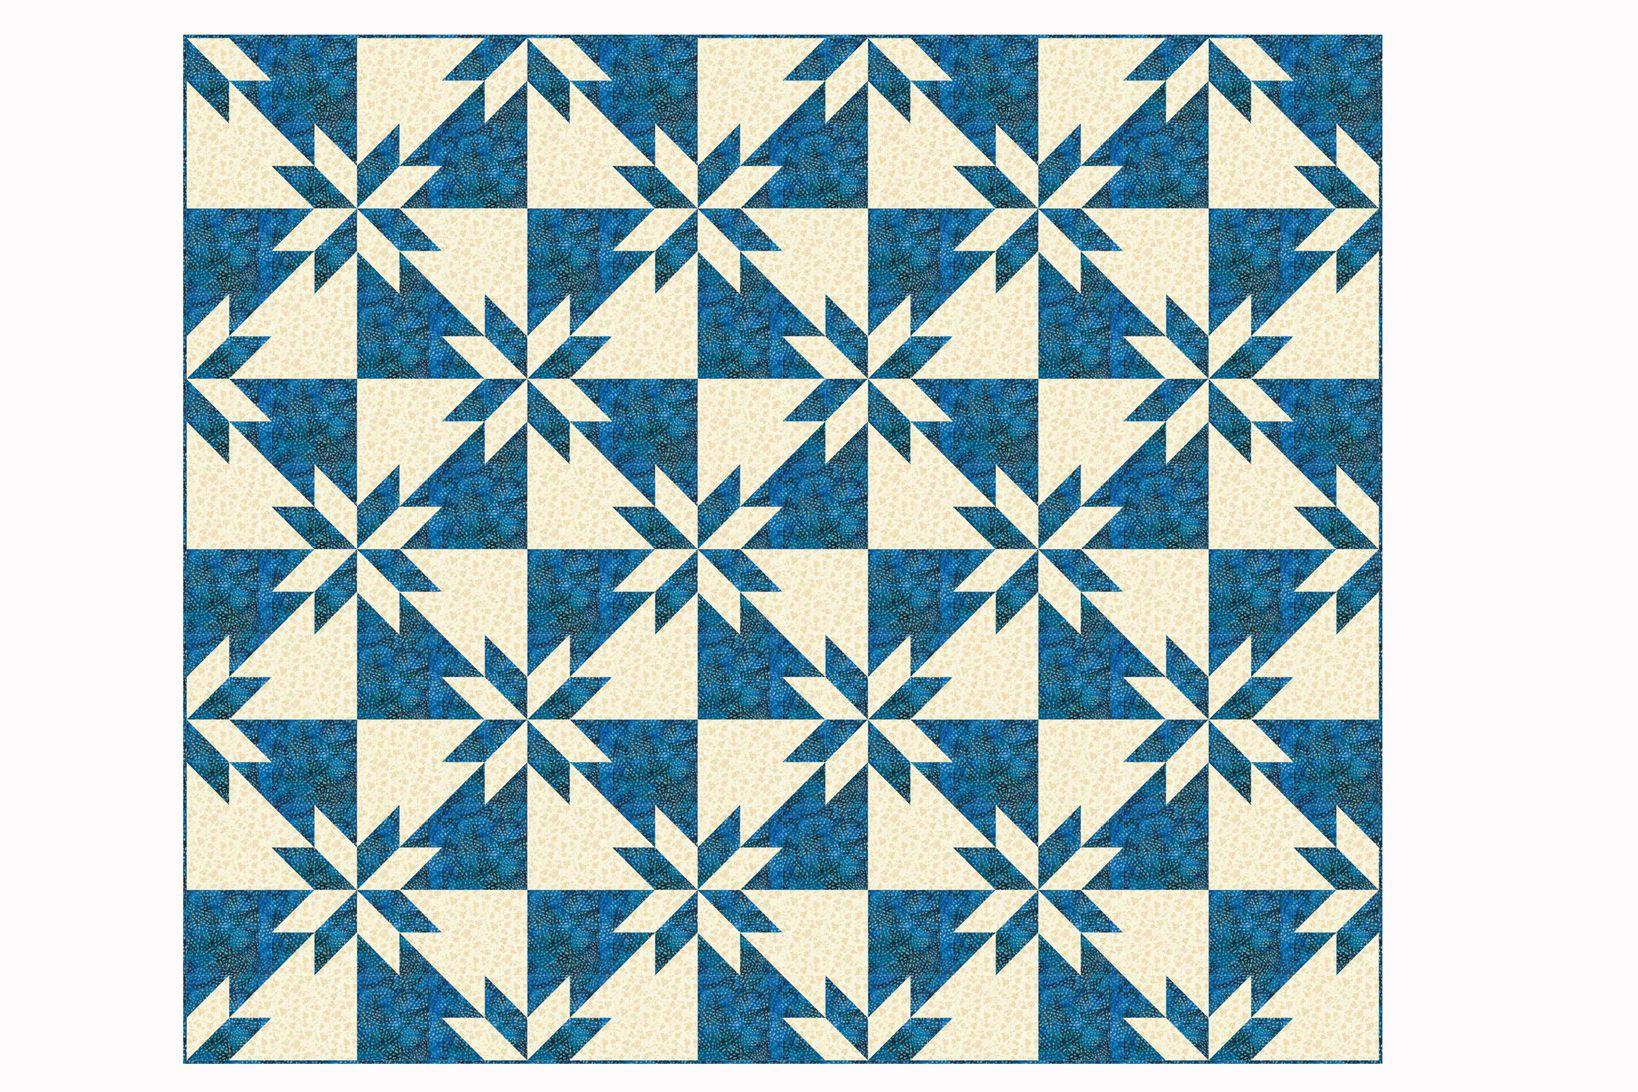 Easy Hunter's Star Quilt Pattern : hunter star quilt pattern - Adamdwight.com